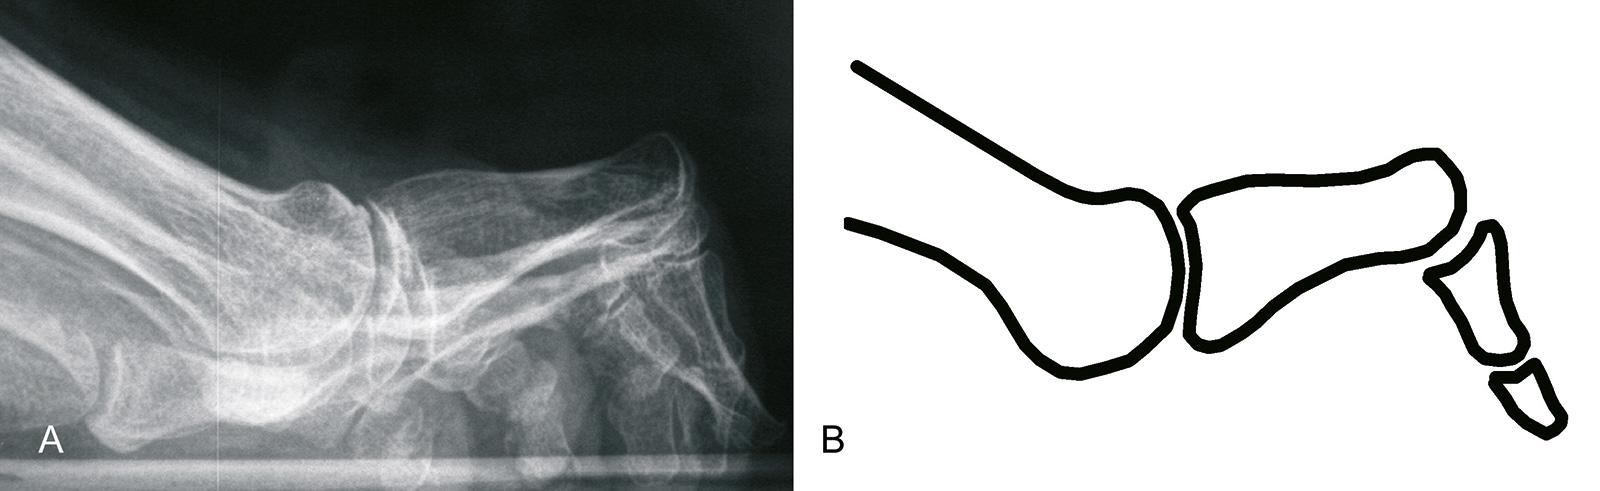 Abb. 6-15: Typisches Röntgenbild (A) und Schemazeichnung (B) einer Krallenzehe